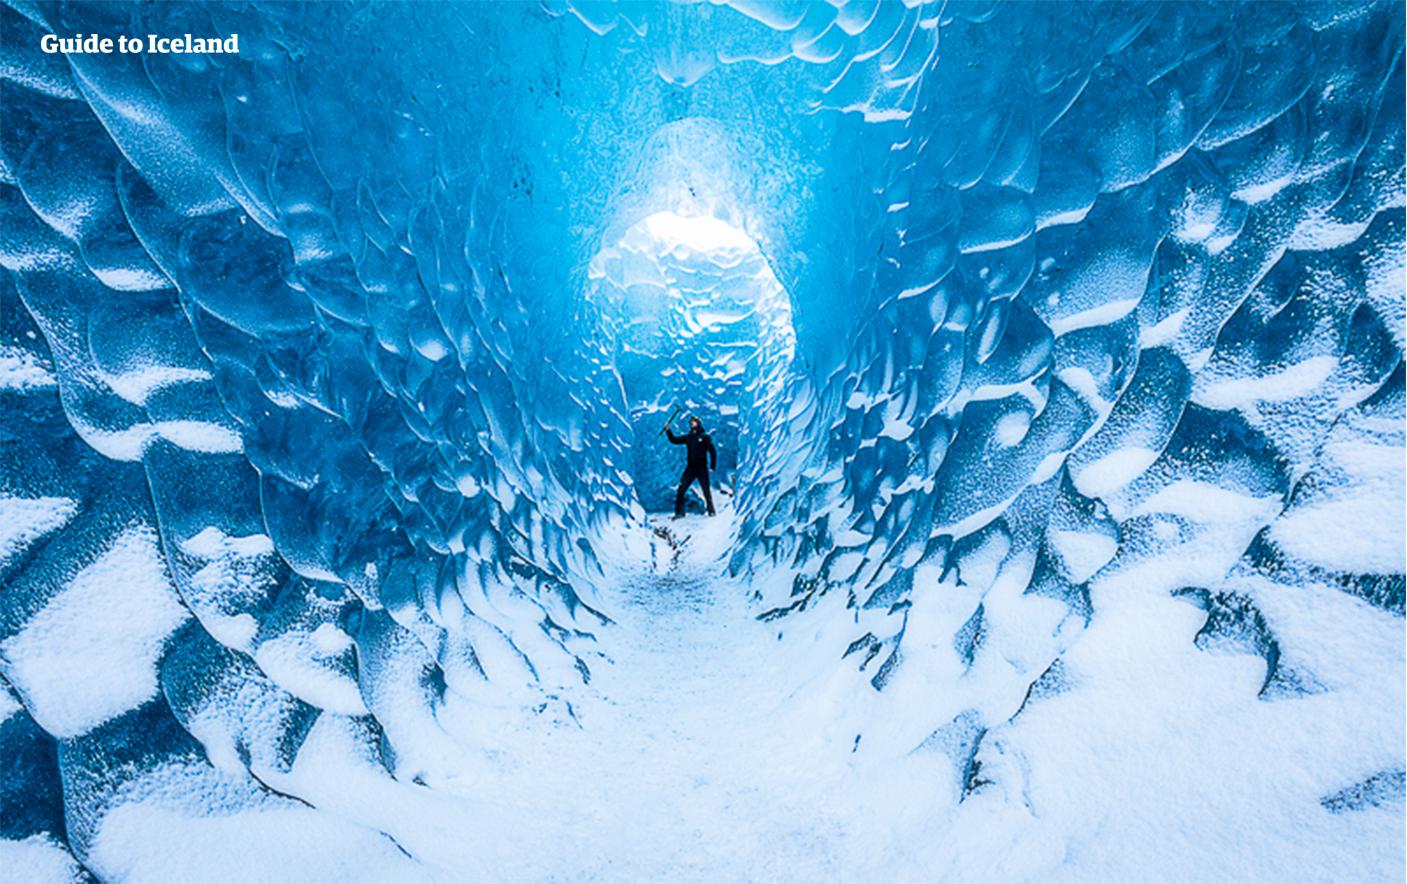 Relaksująca 11-dniowa, zimowa wycieczka z własnym samochodem po południowym wybrzeżu Islandii i Snaefellsnes